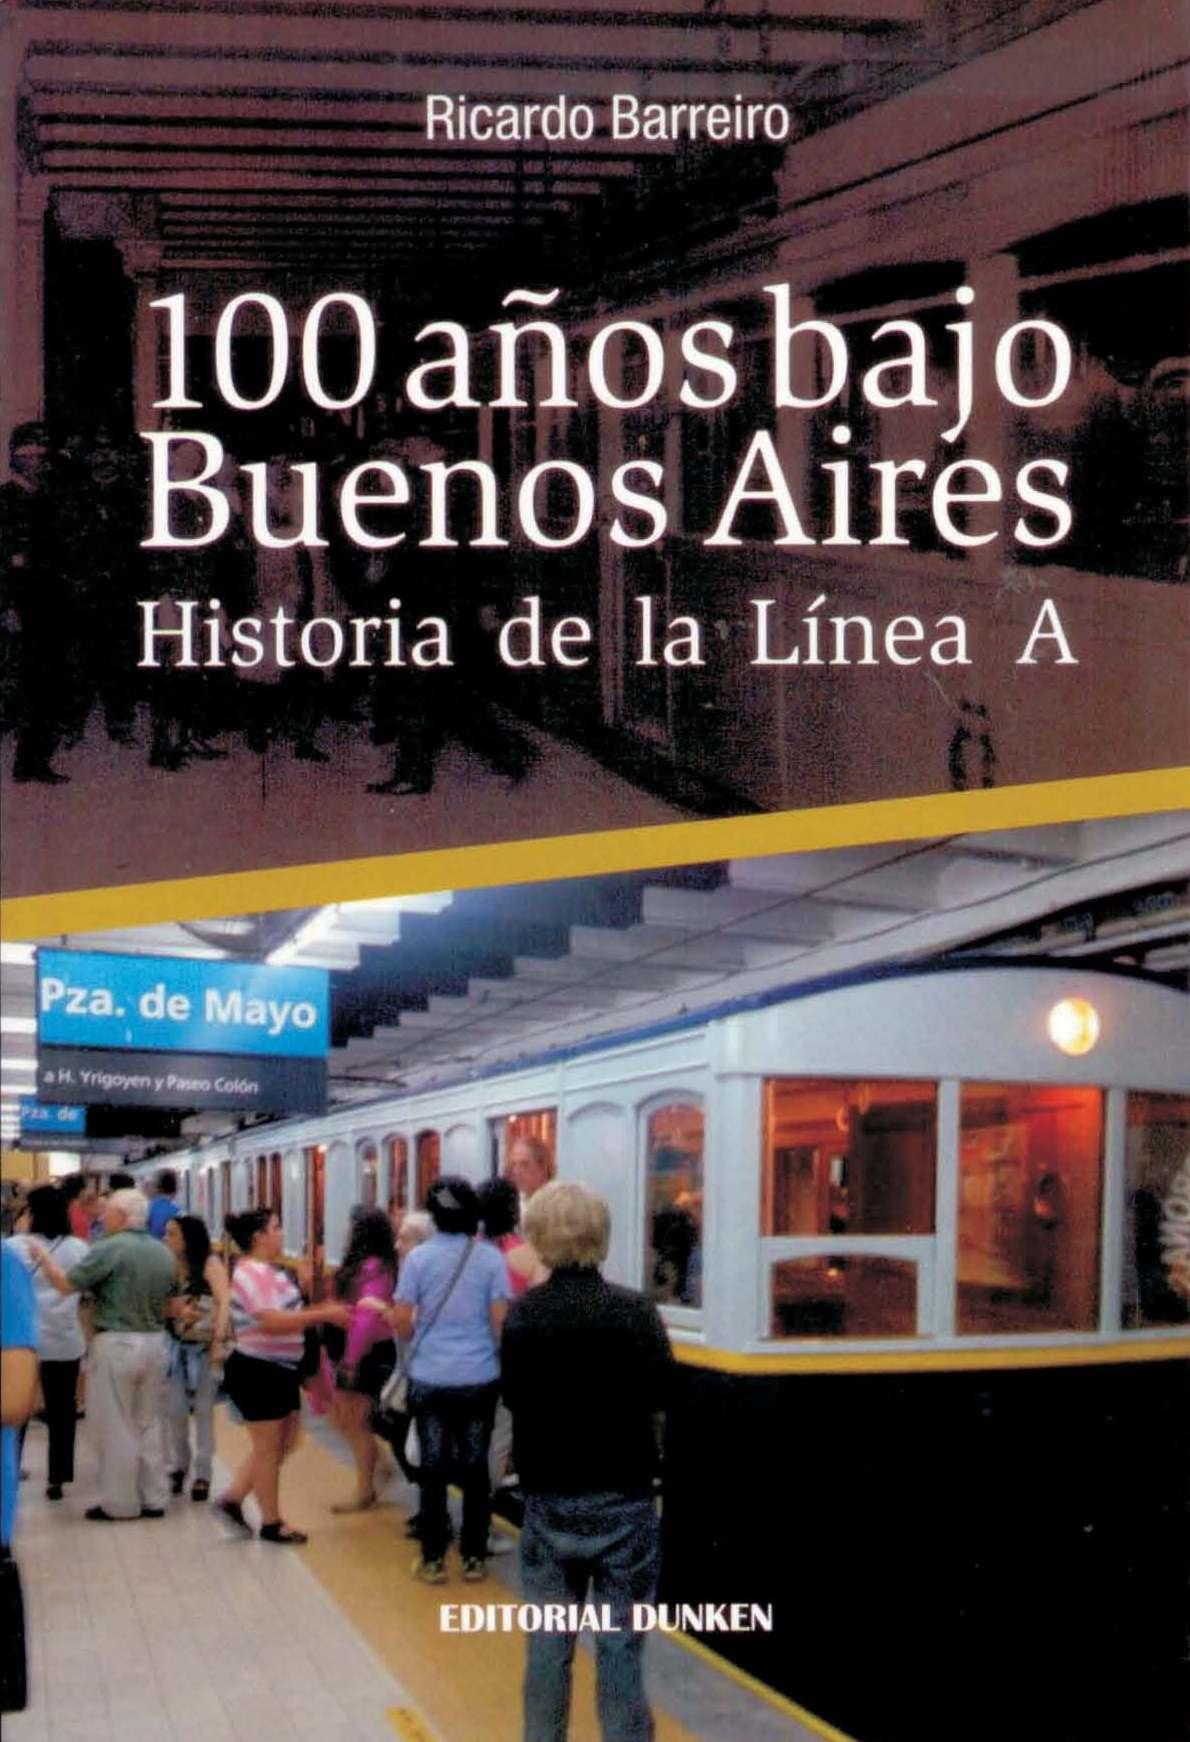 100 años bajo Buenos Aires. Historia de la Línea A Barreiro Ricardo